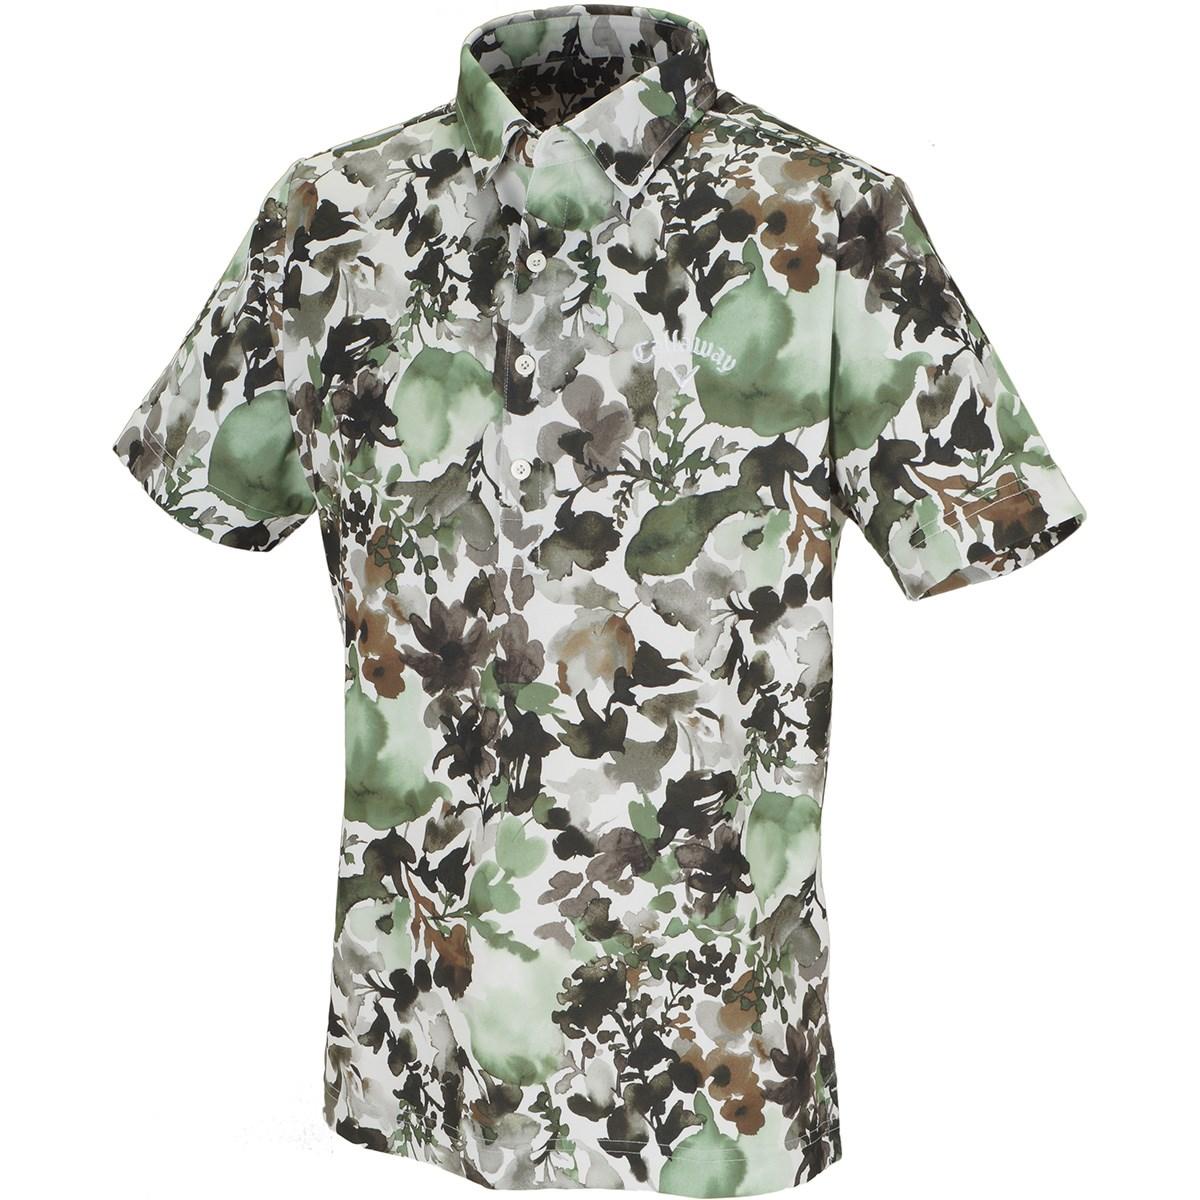 キャロウェイゴルフ(Callaway Golf) 水彩画プリント クールドライ 半袖ポロシャツ